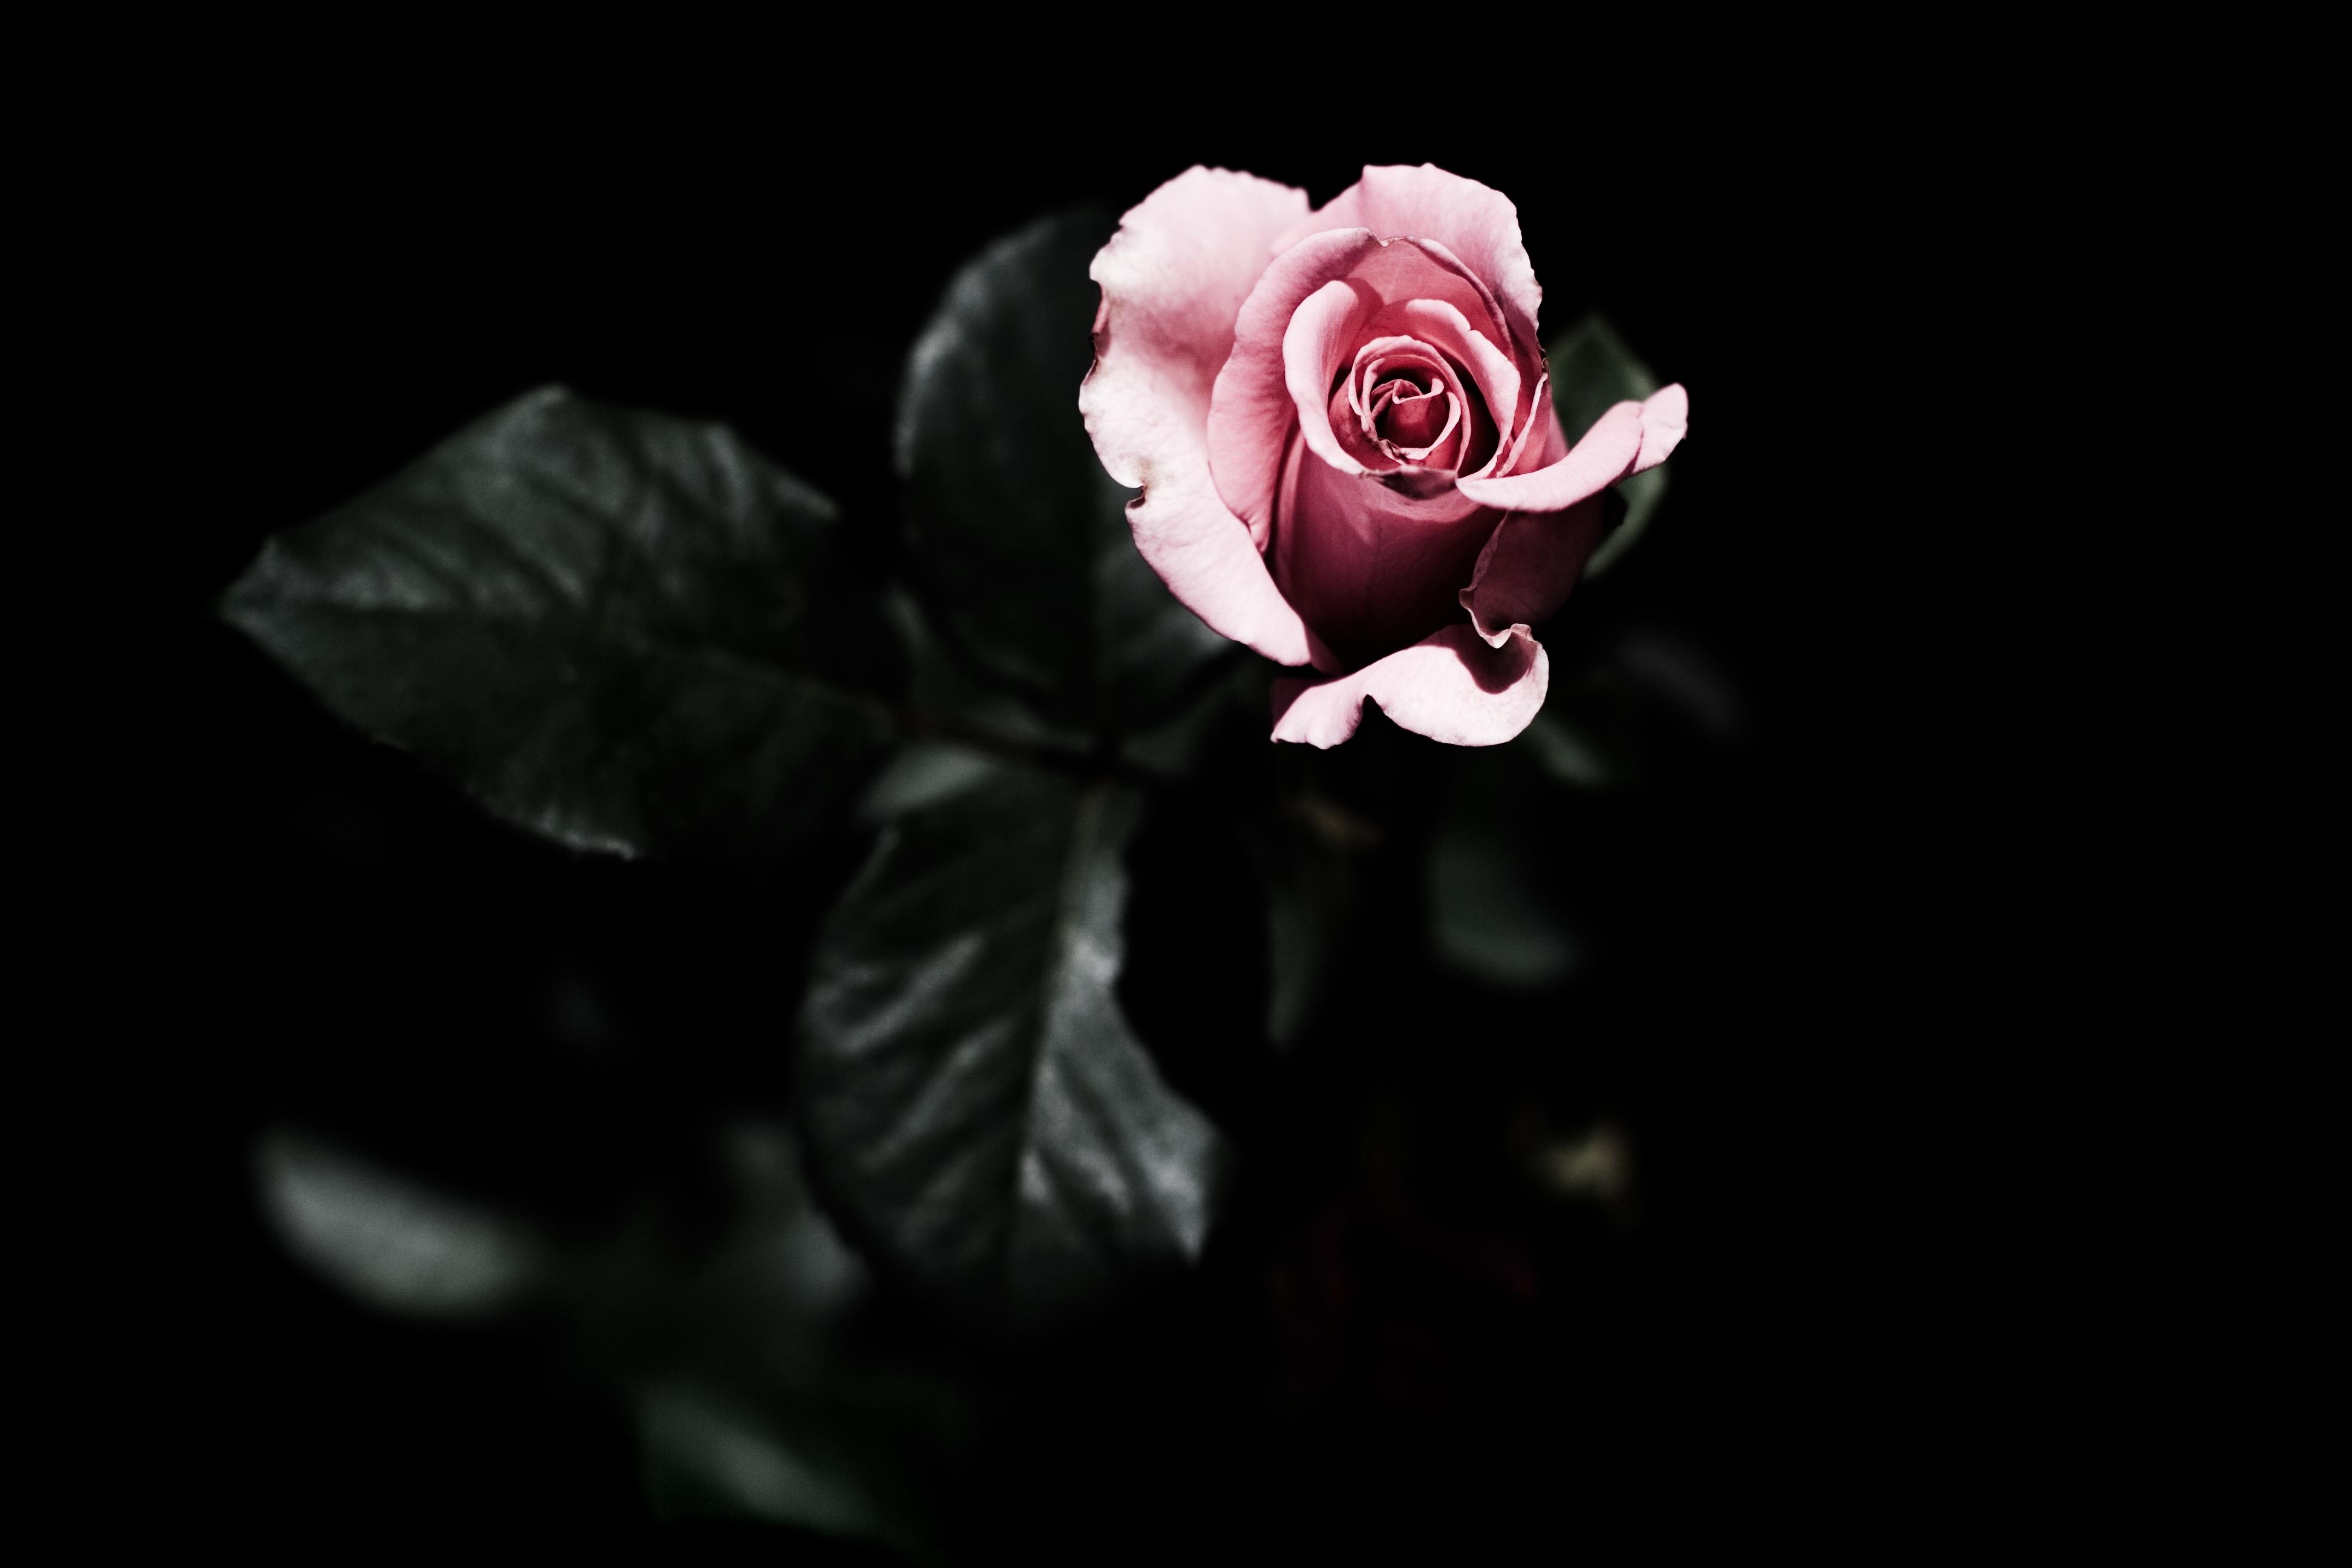 dark flower background - hd desktop wallpapers | 4k hd